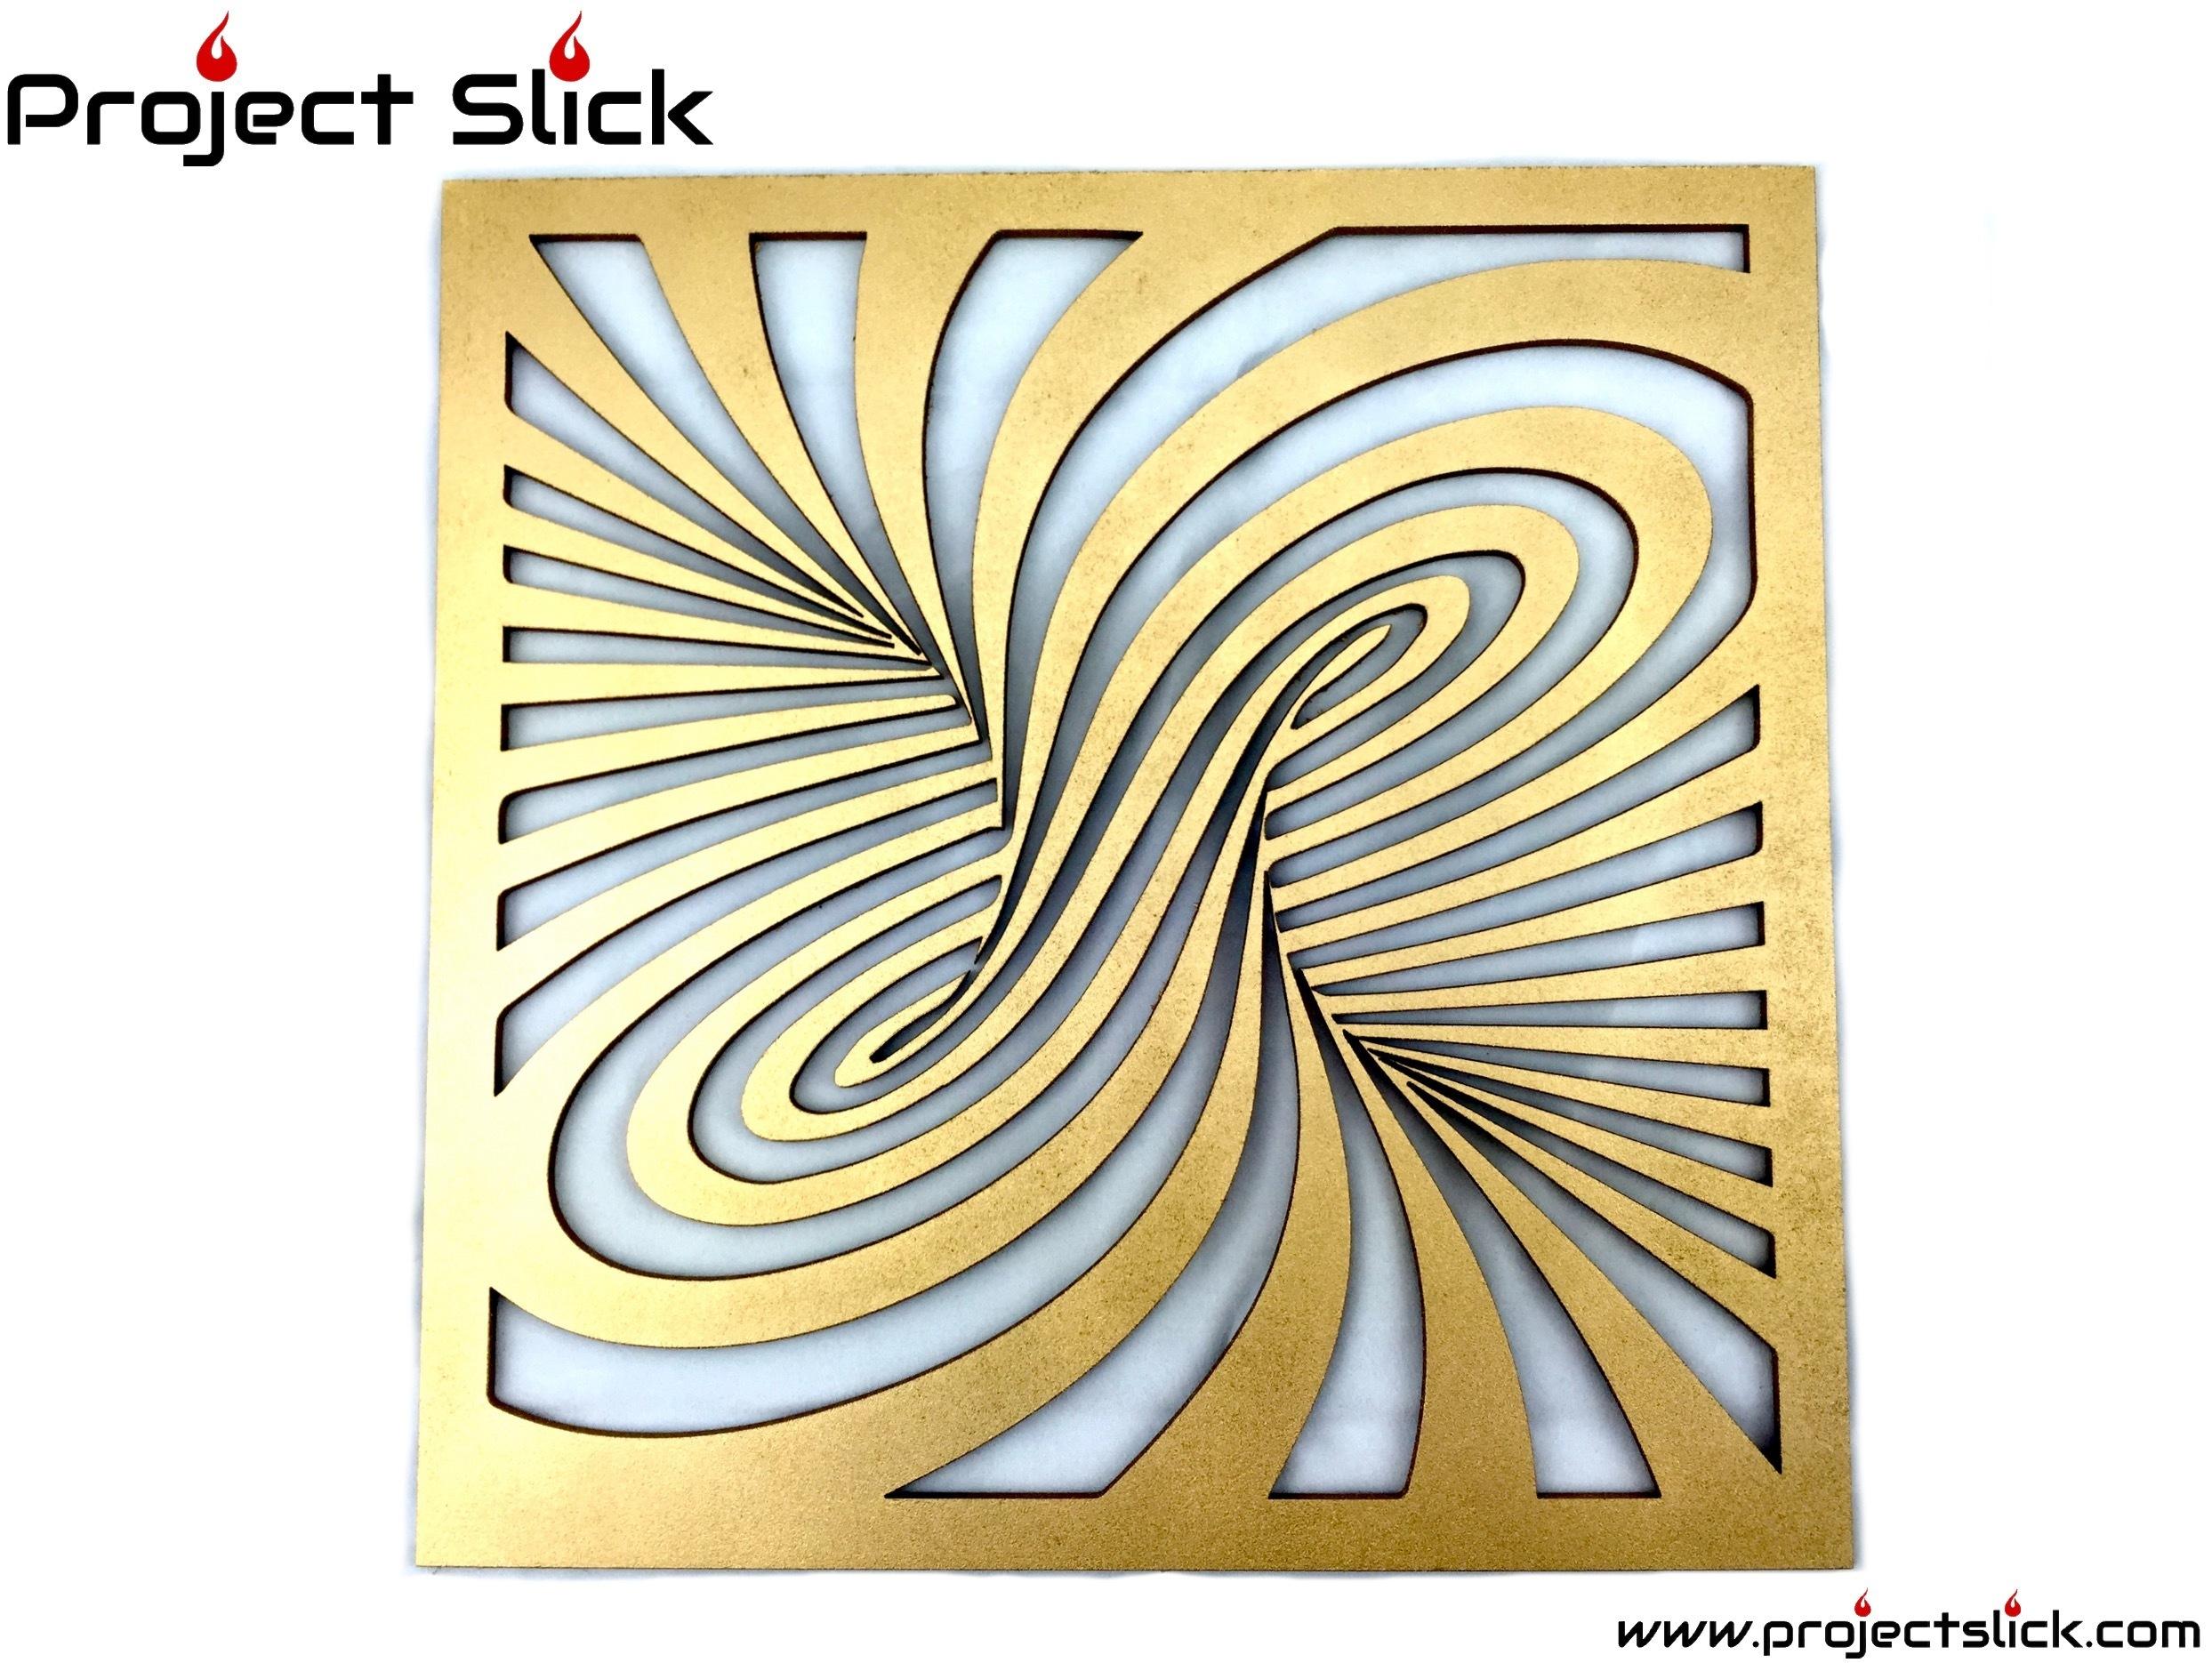 Twist Illusion Wall Art - Small